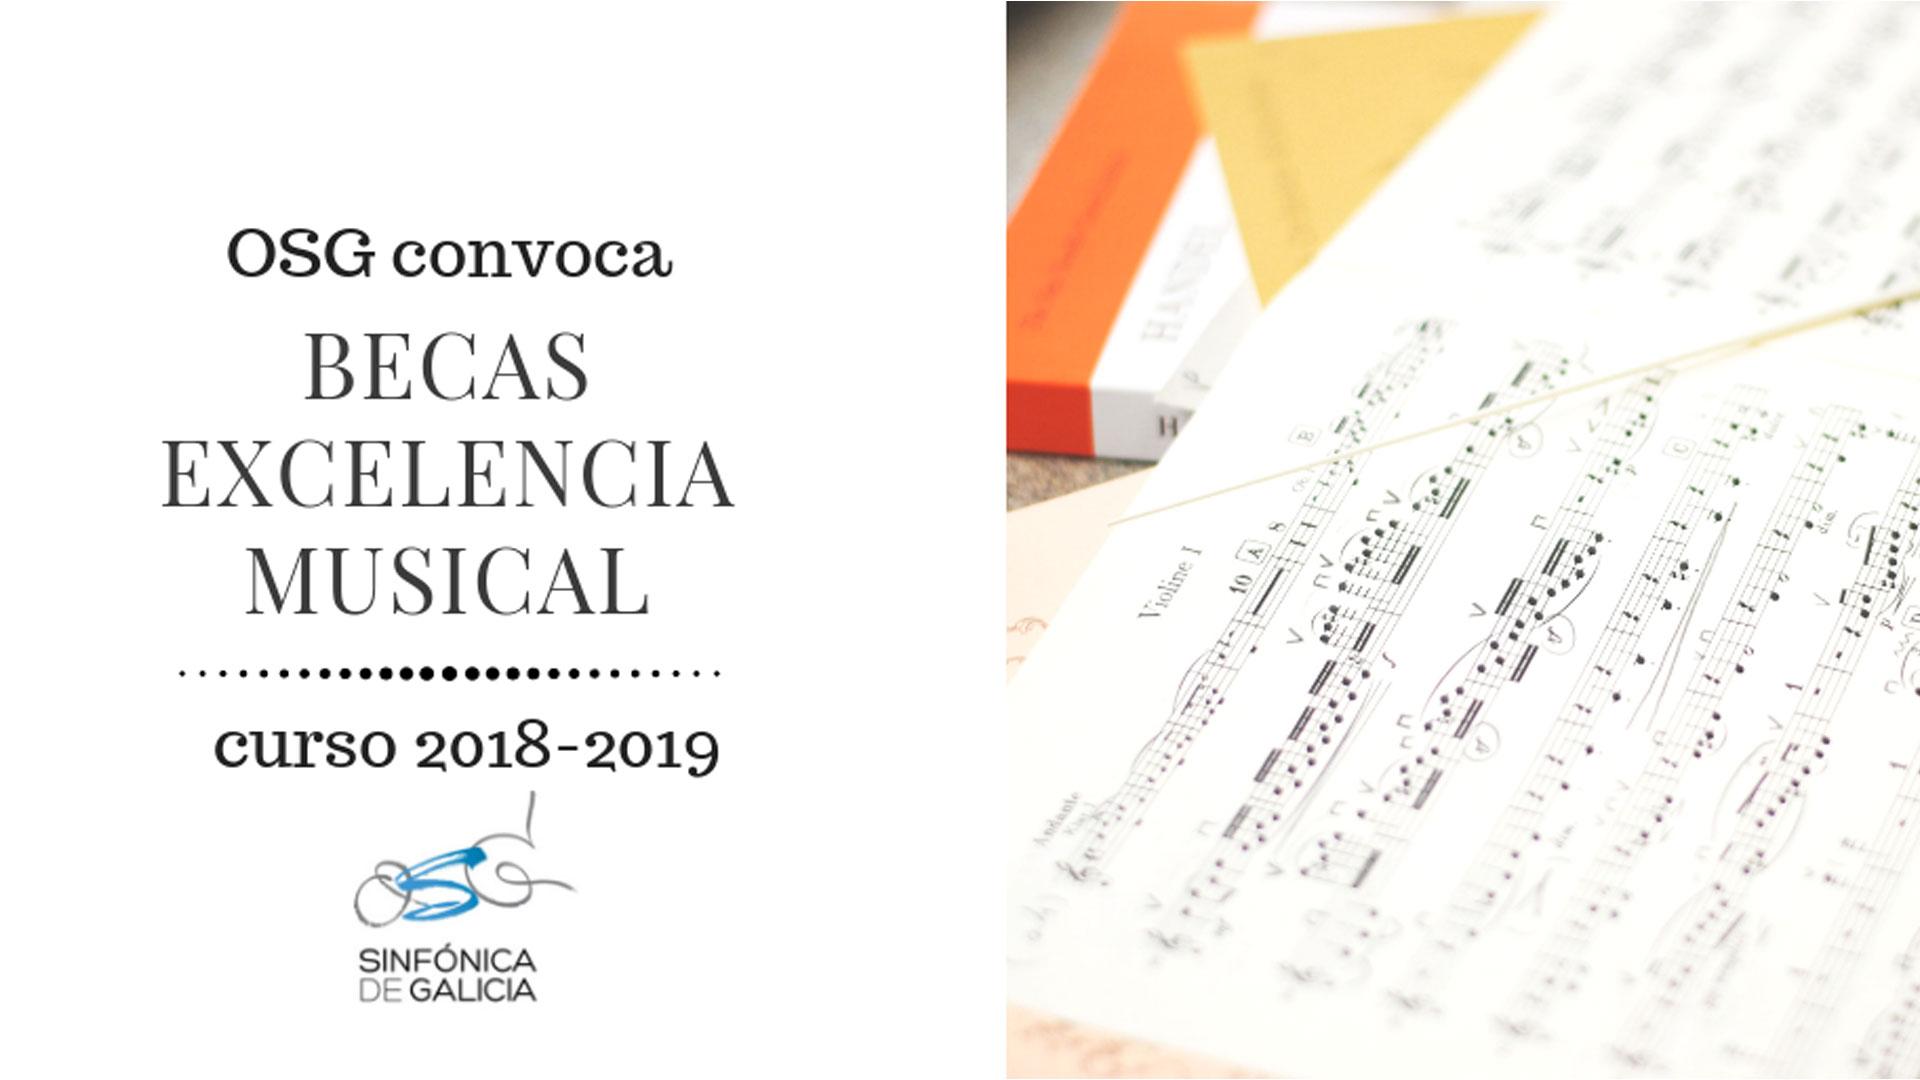 La OSG convoca las bolsas de excelencia musical